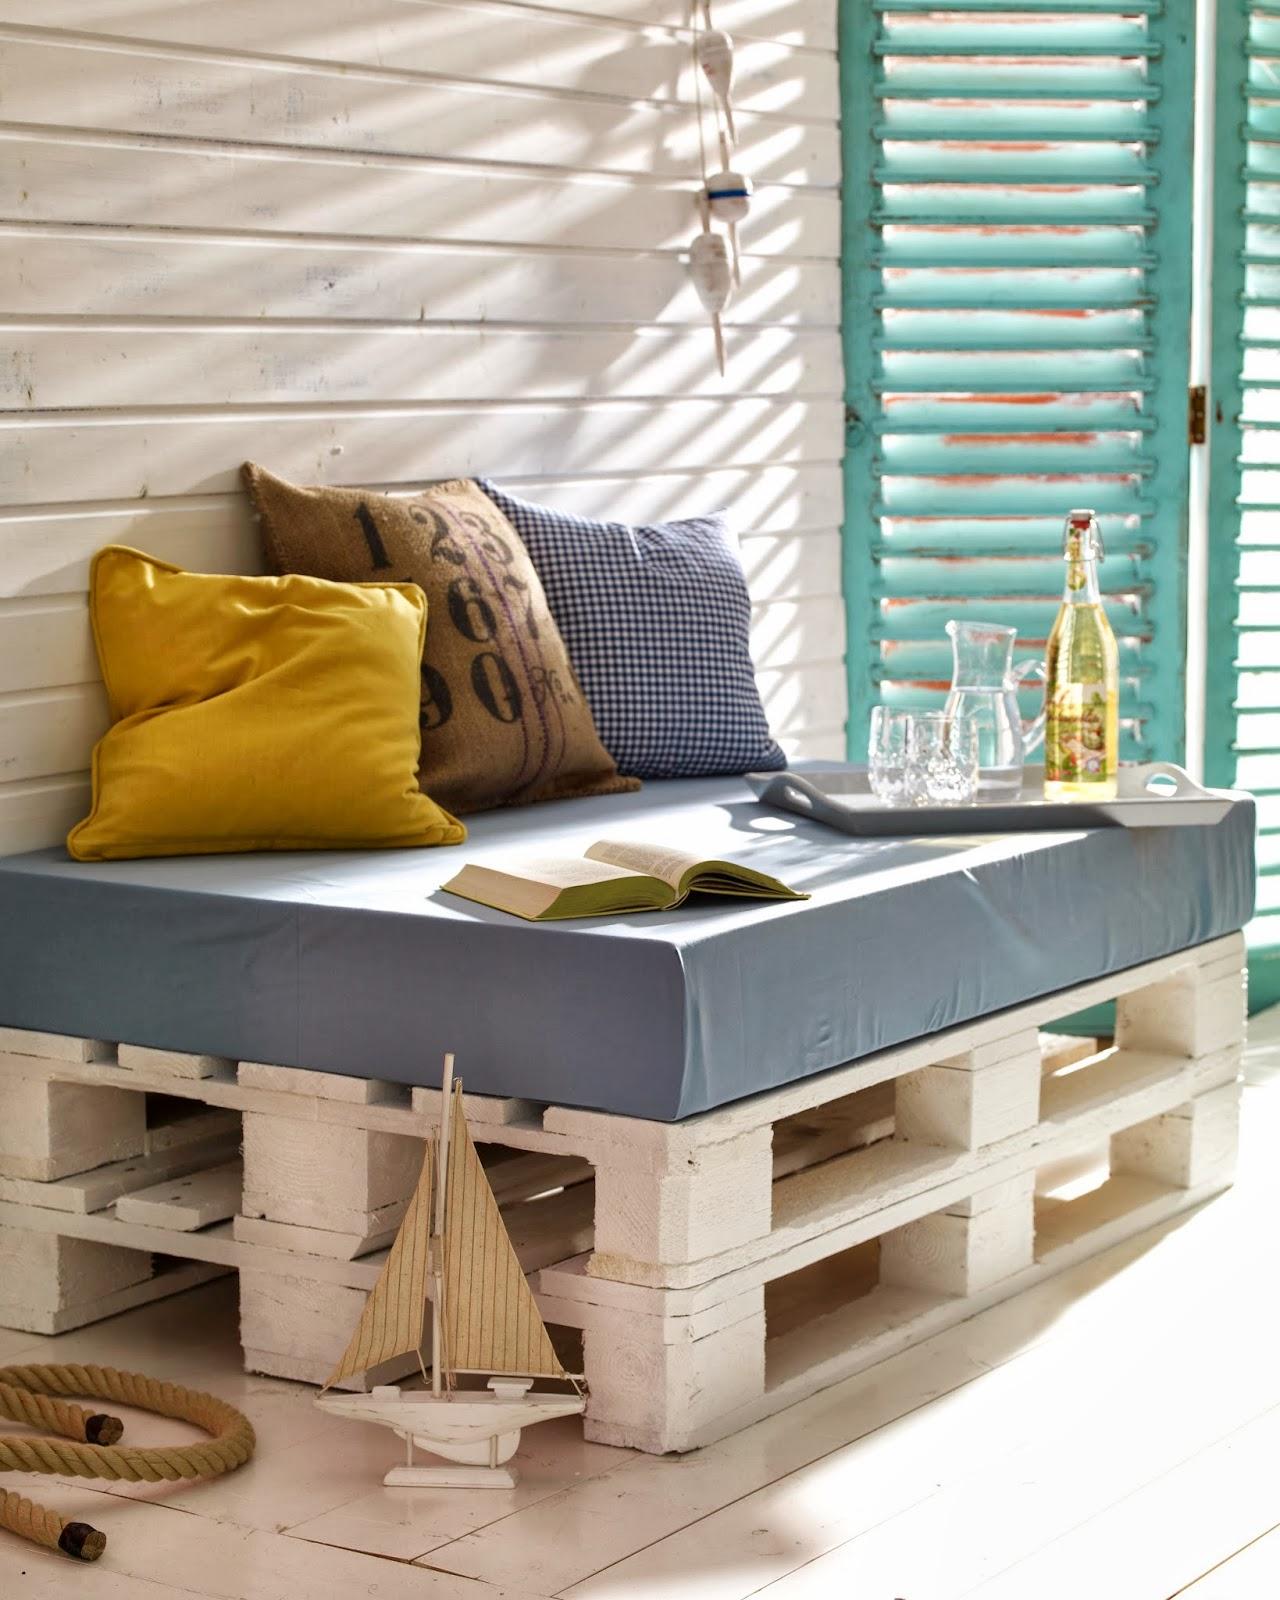 fotel z palety design za grosik. Black Bedroom Furniture Sets. Home Design Ideas